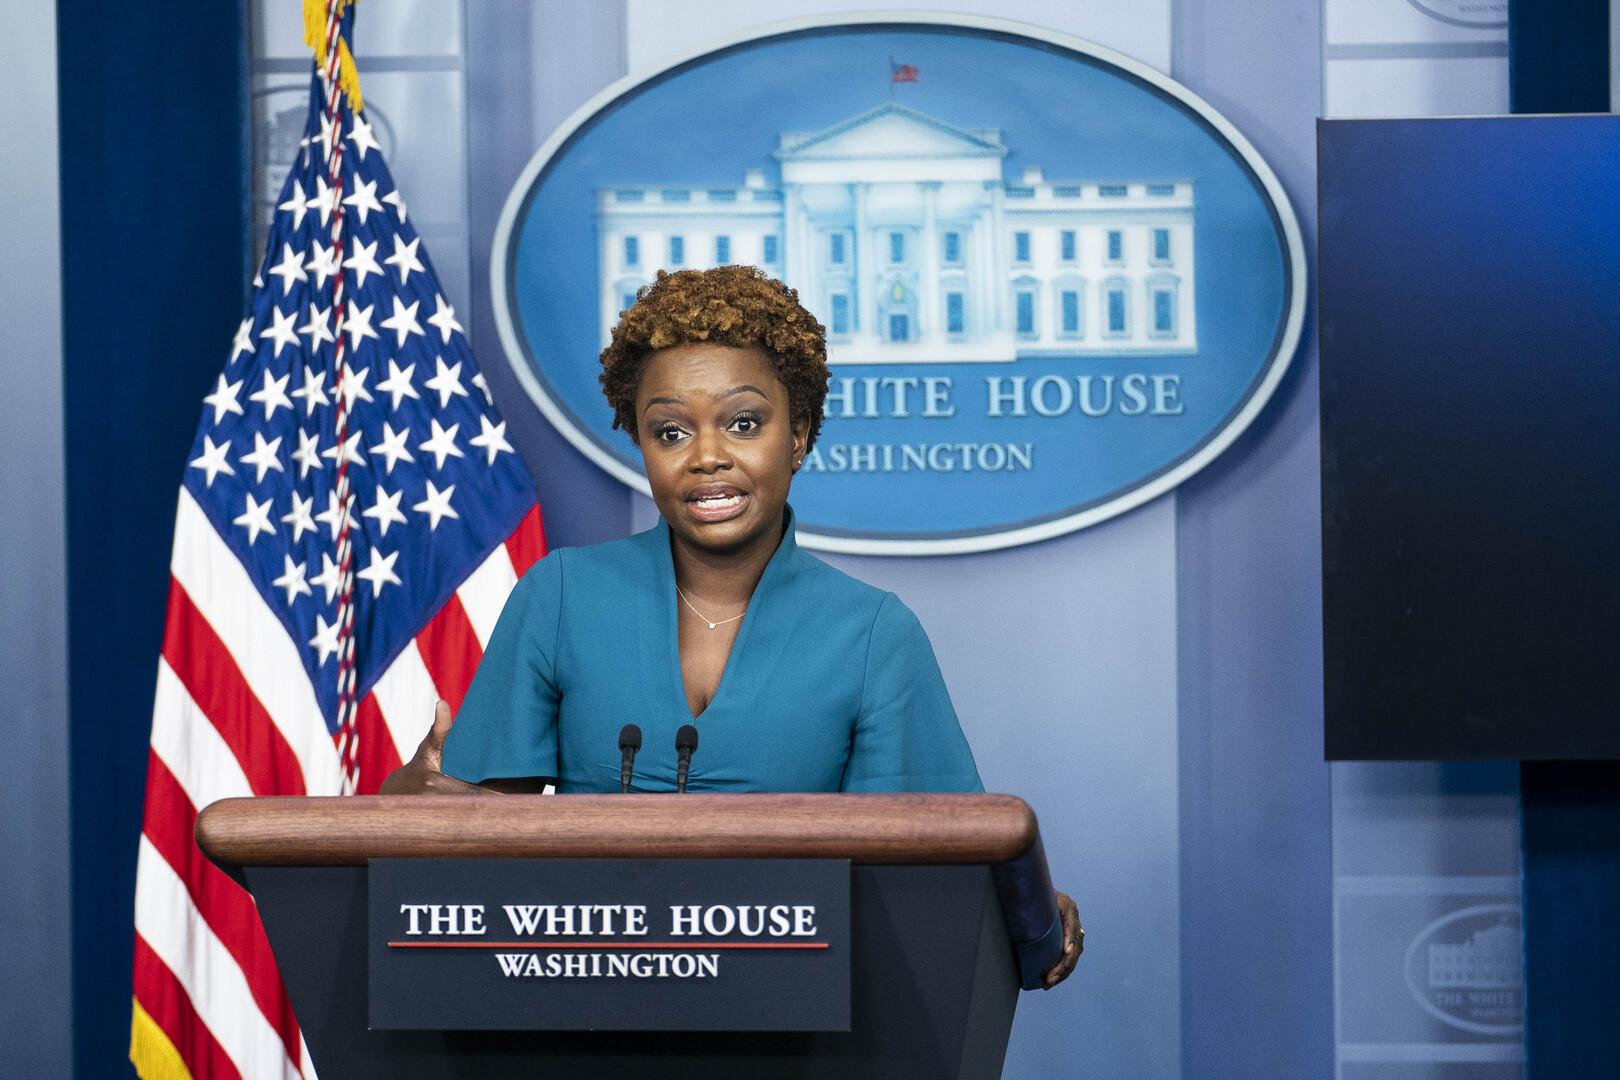 المتحدثة باسم البيت الأبيض كارين جان بيير